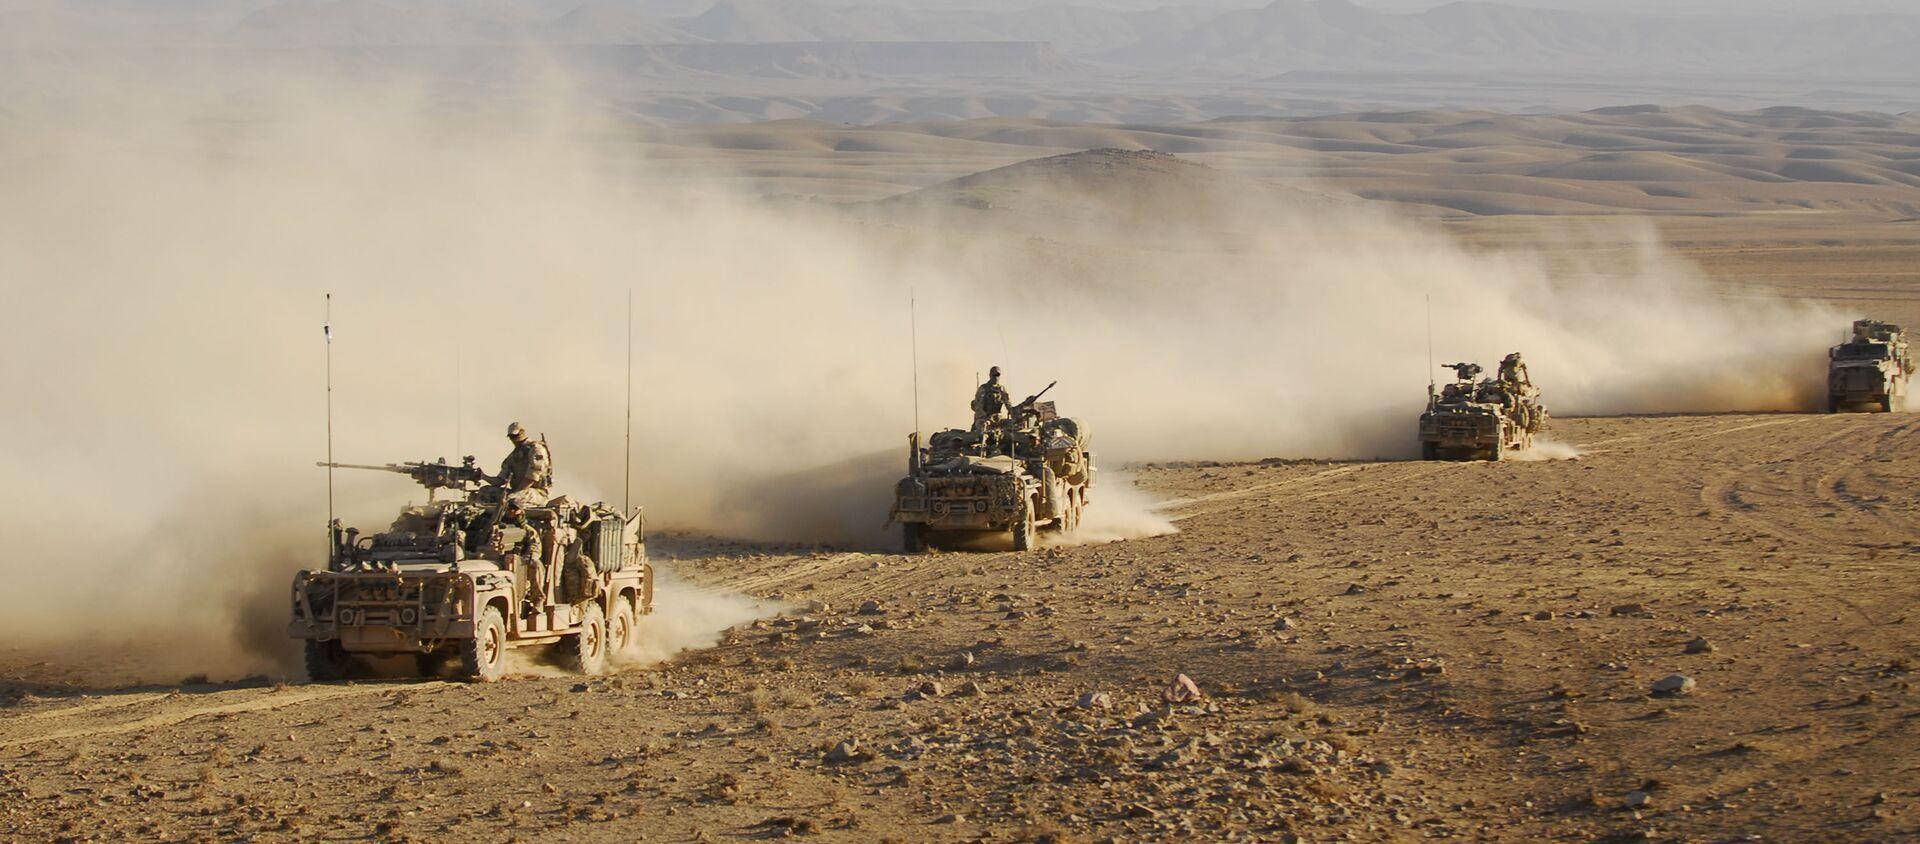 Forze speciali australiane su veicoli di pattuglia a lungo raggio guidano in convoglio attraverso uno dei deserti dell'Afghanistan (File) - Sputnik Italia, 1920, 19.04.2021